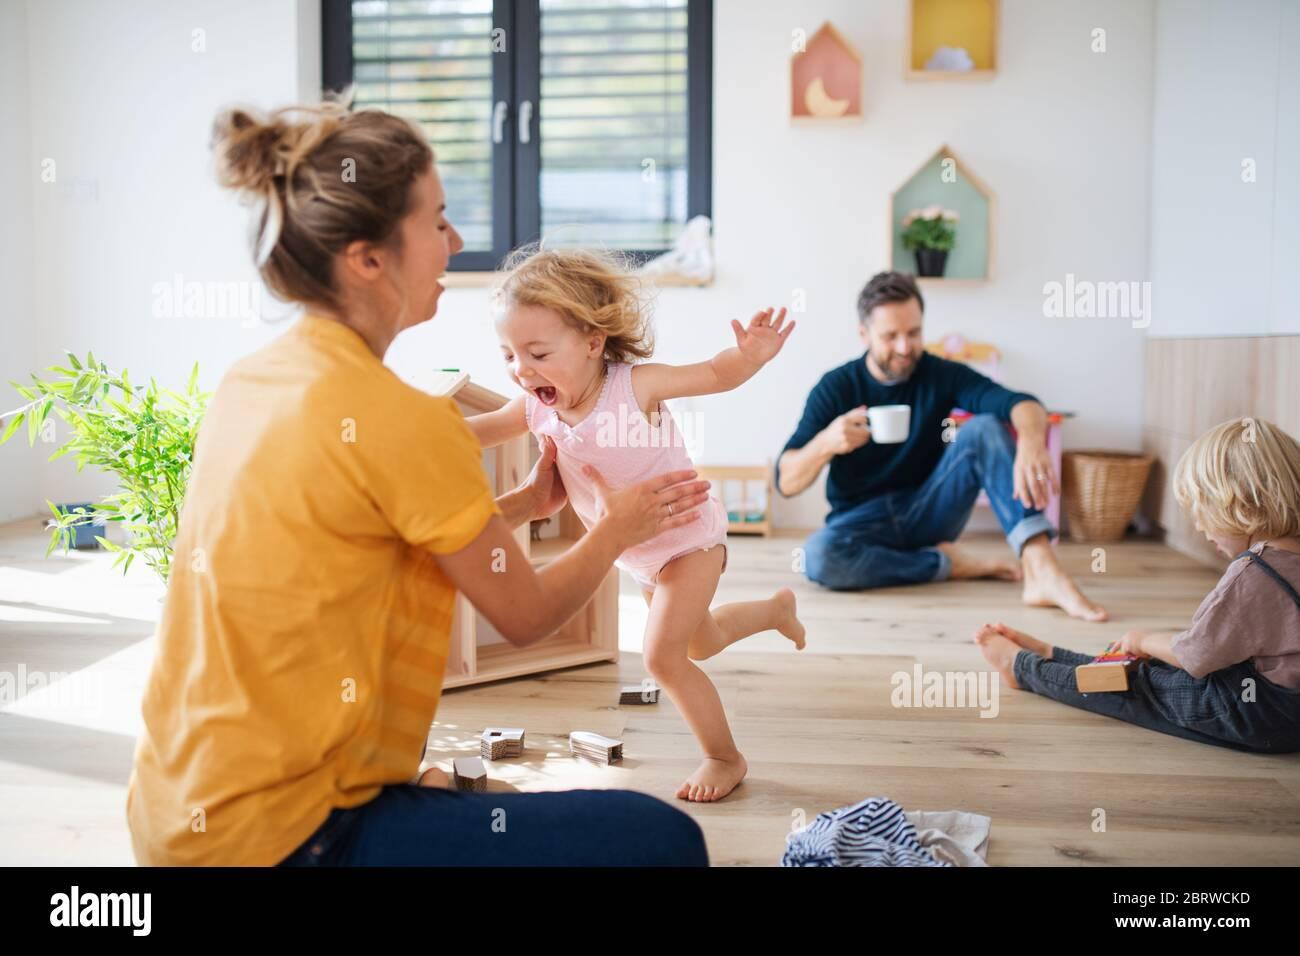 Jeune famille avec deux petits enfants à l'intérieur dans la chambre à coucher jouant. Banque D'Images